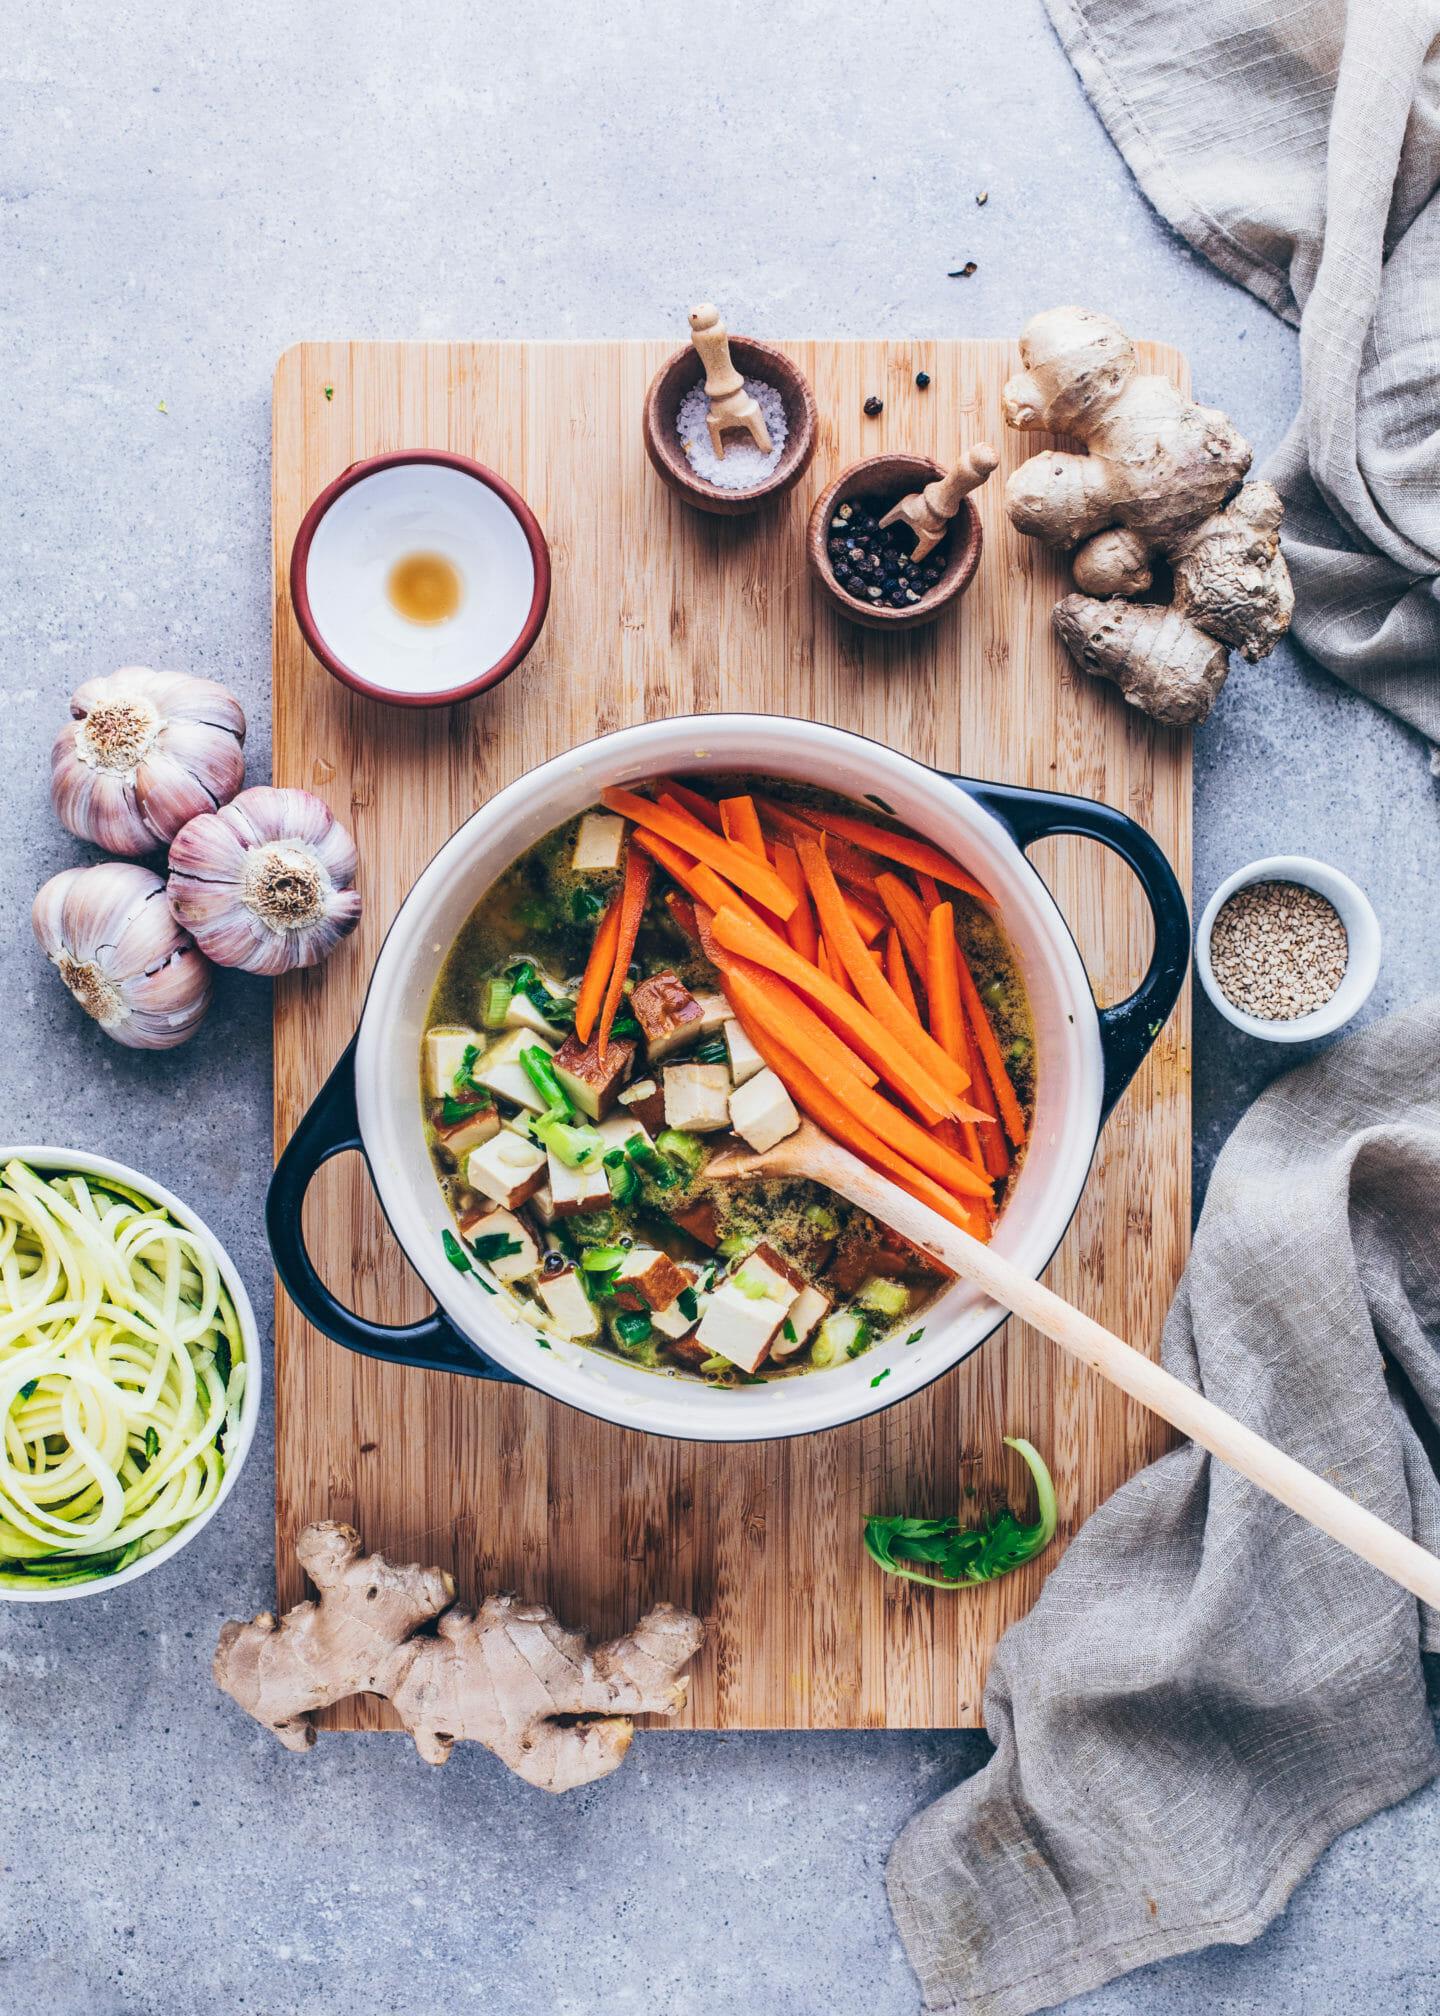 Asiatische Gemüsesuppe mit Knoblauch, Ingwer, Karotten, Lauchzwiebeln und Tofu